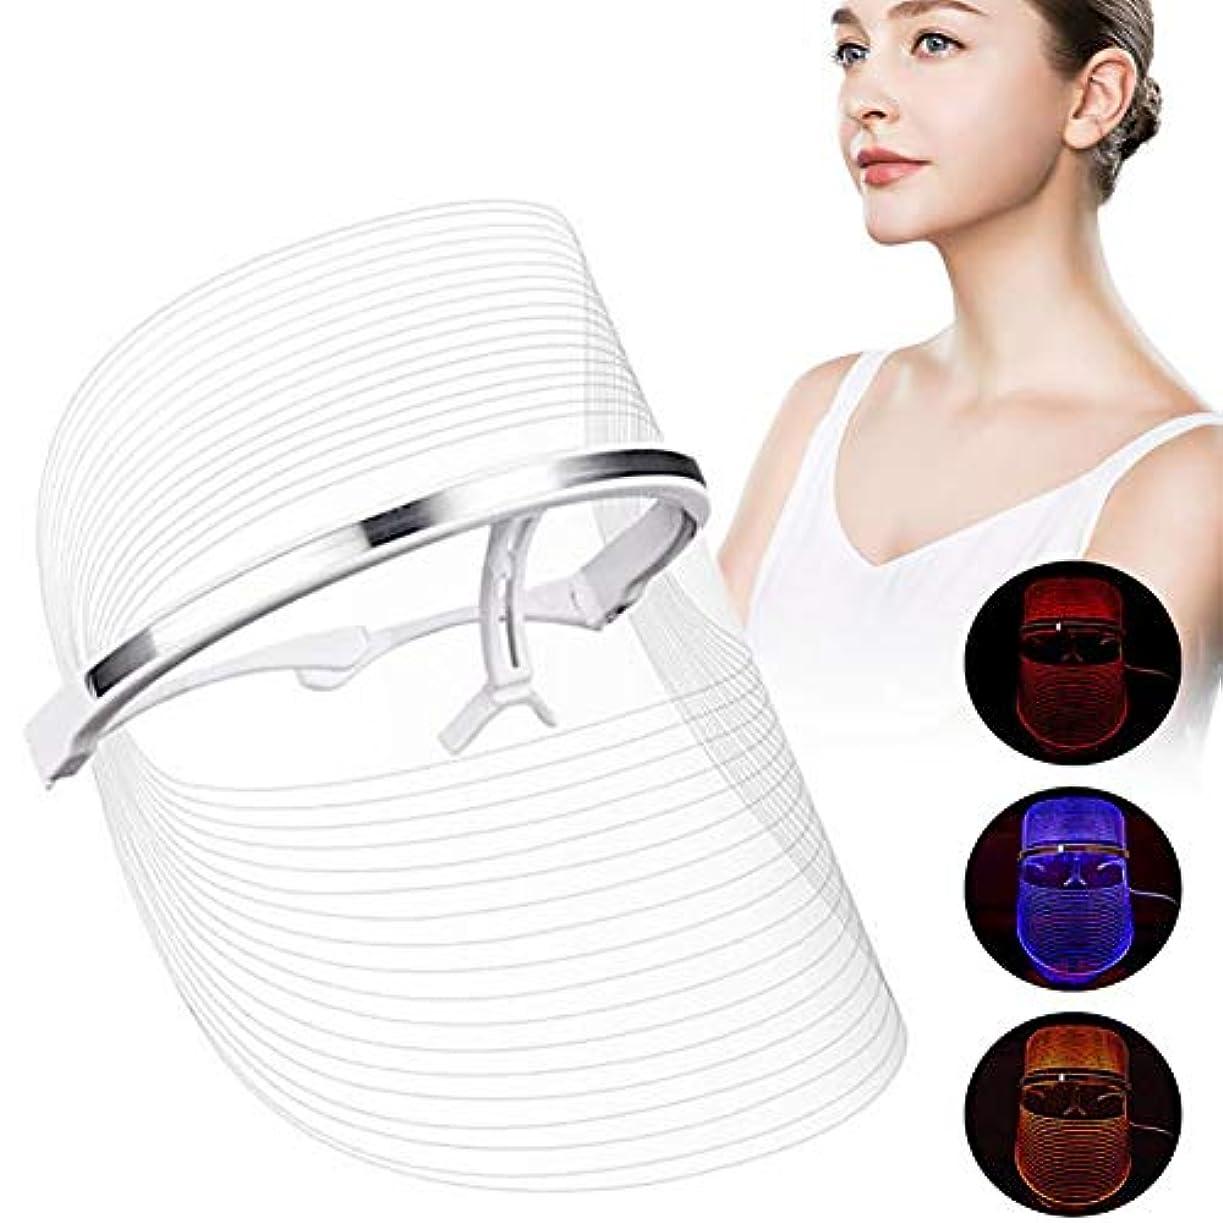 LEDライトフォトンフェイスマスク肌の若返りしわの除去フェイシャルスパしわの除去スポットスキンホワイトニング